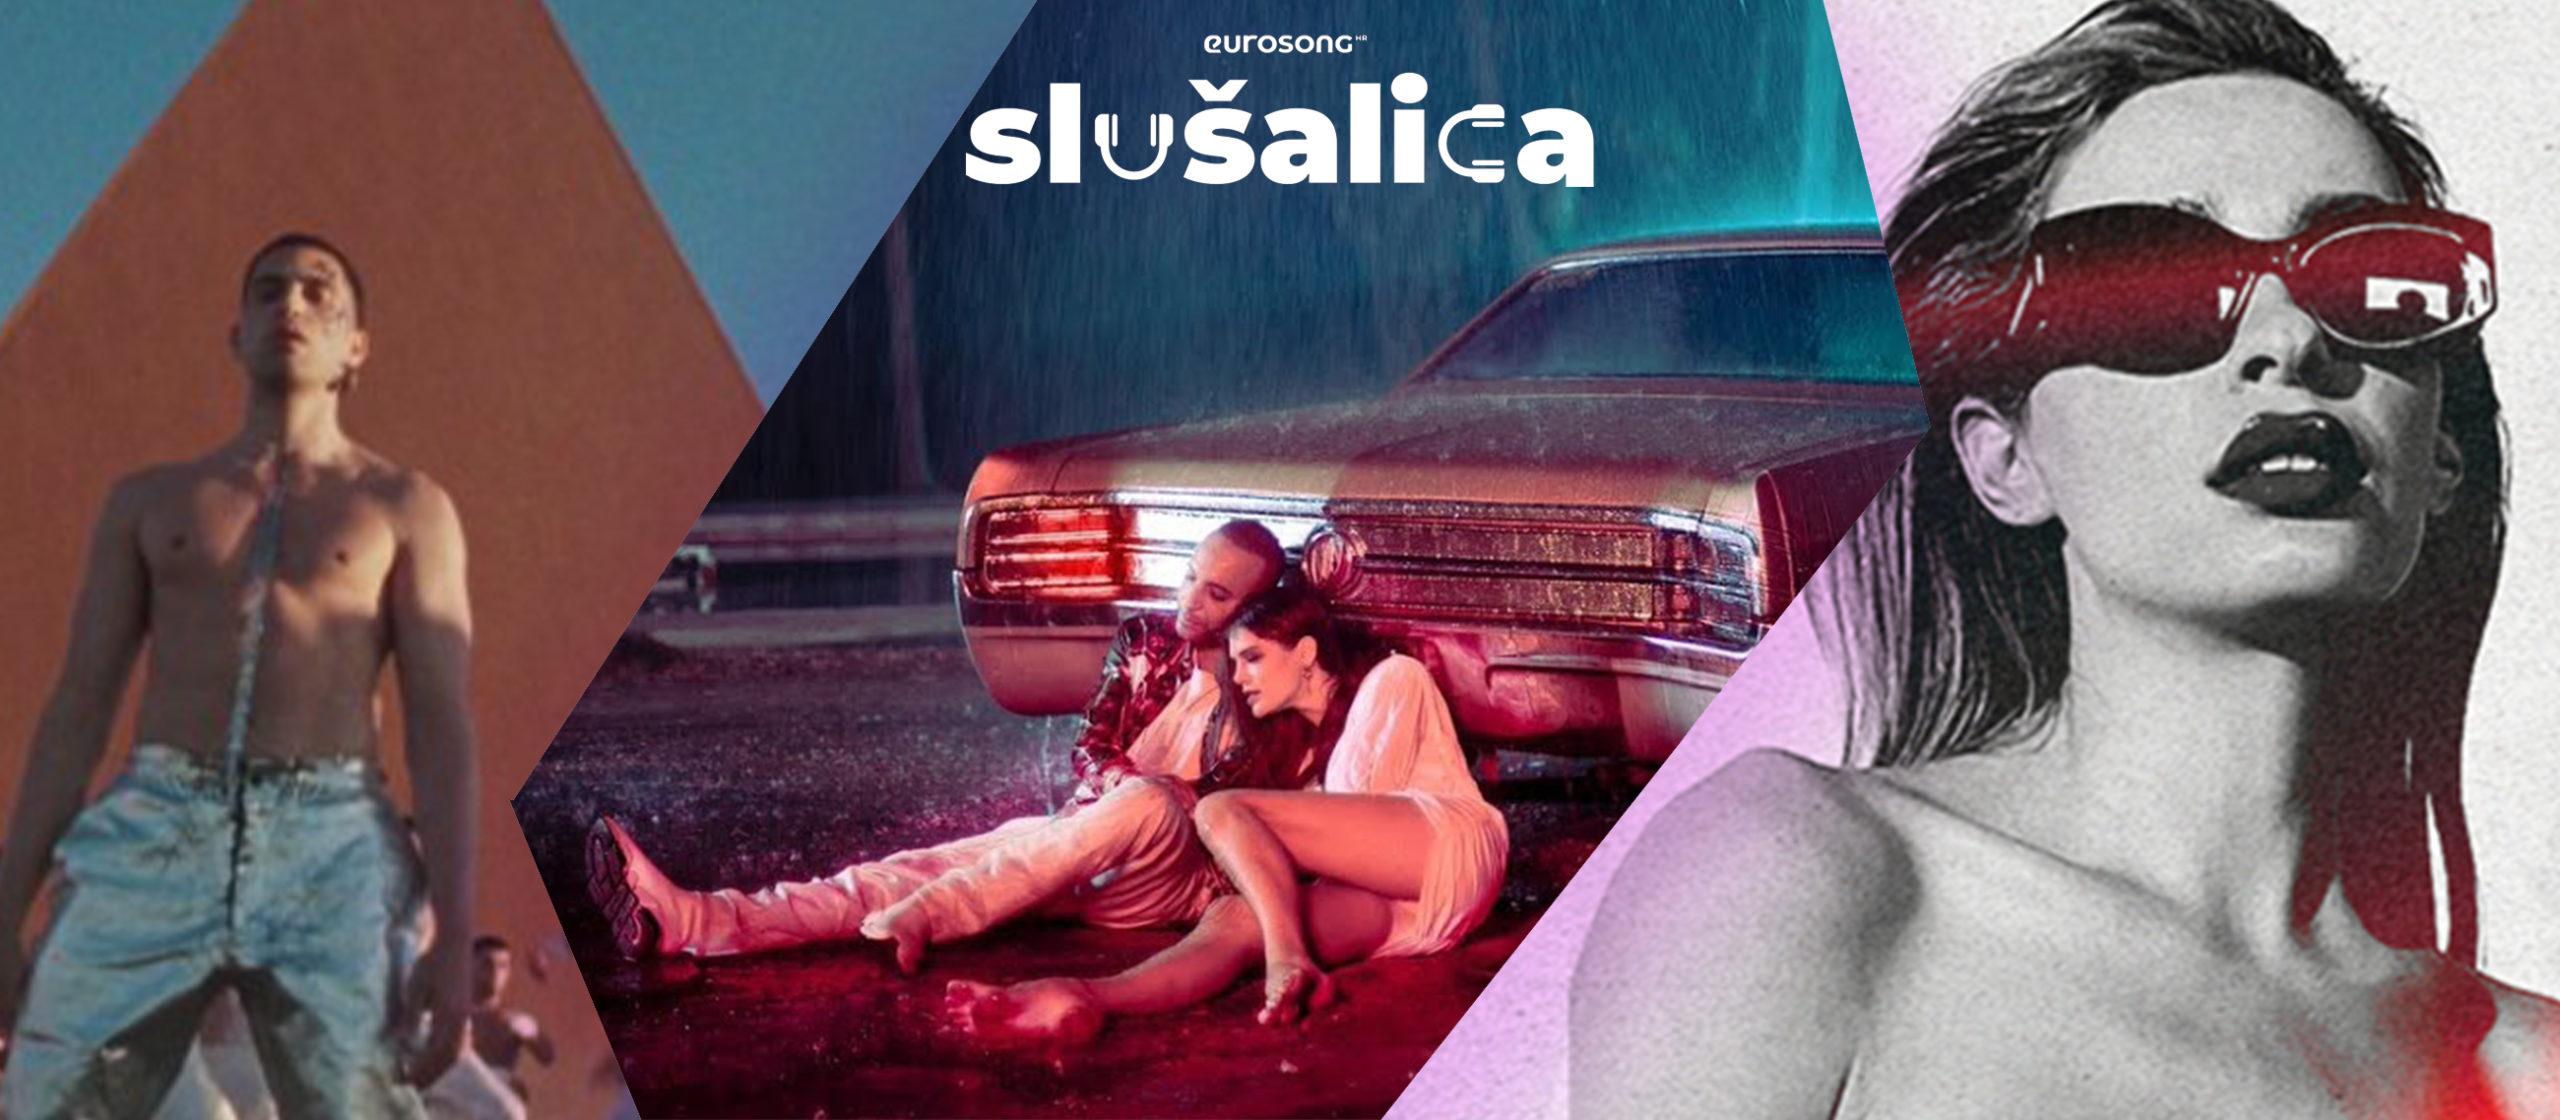 Eurosong Slušalica vizual za strani hit svibnja/maja 2021, Mahmood, Arash, Eleni Foureira